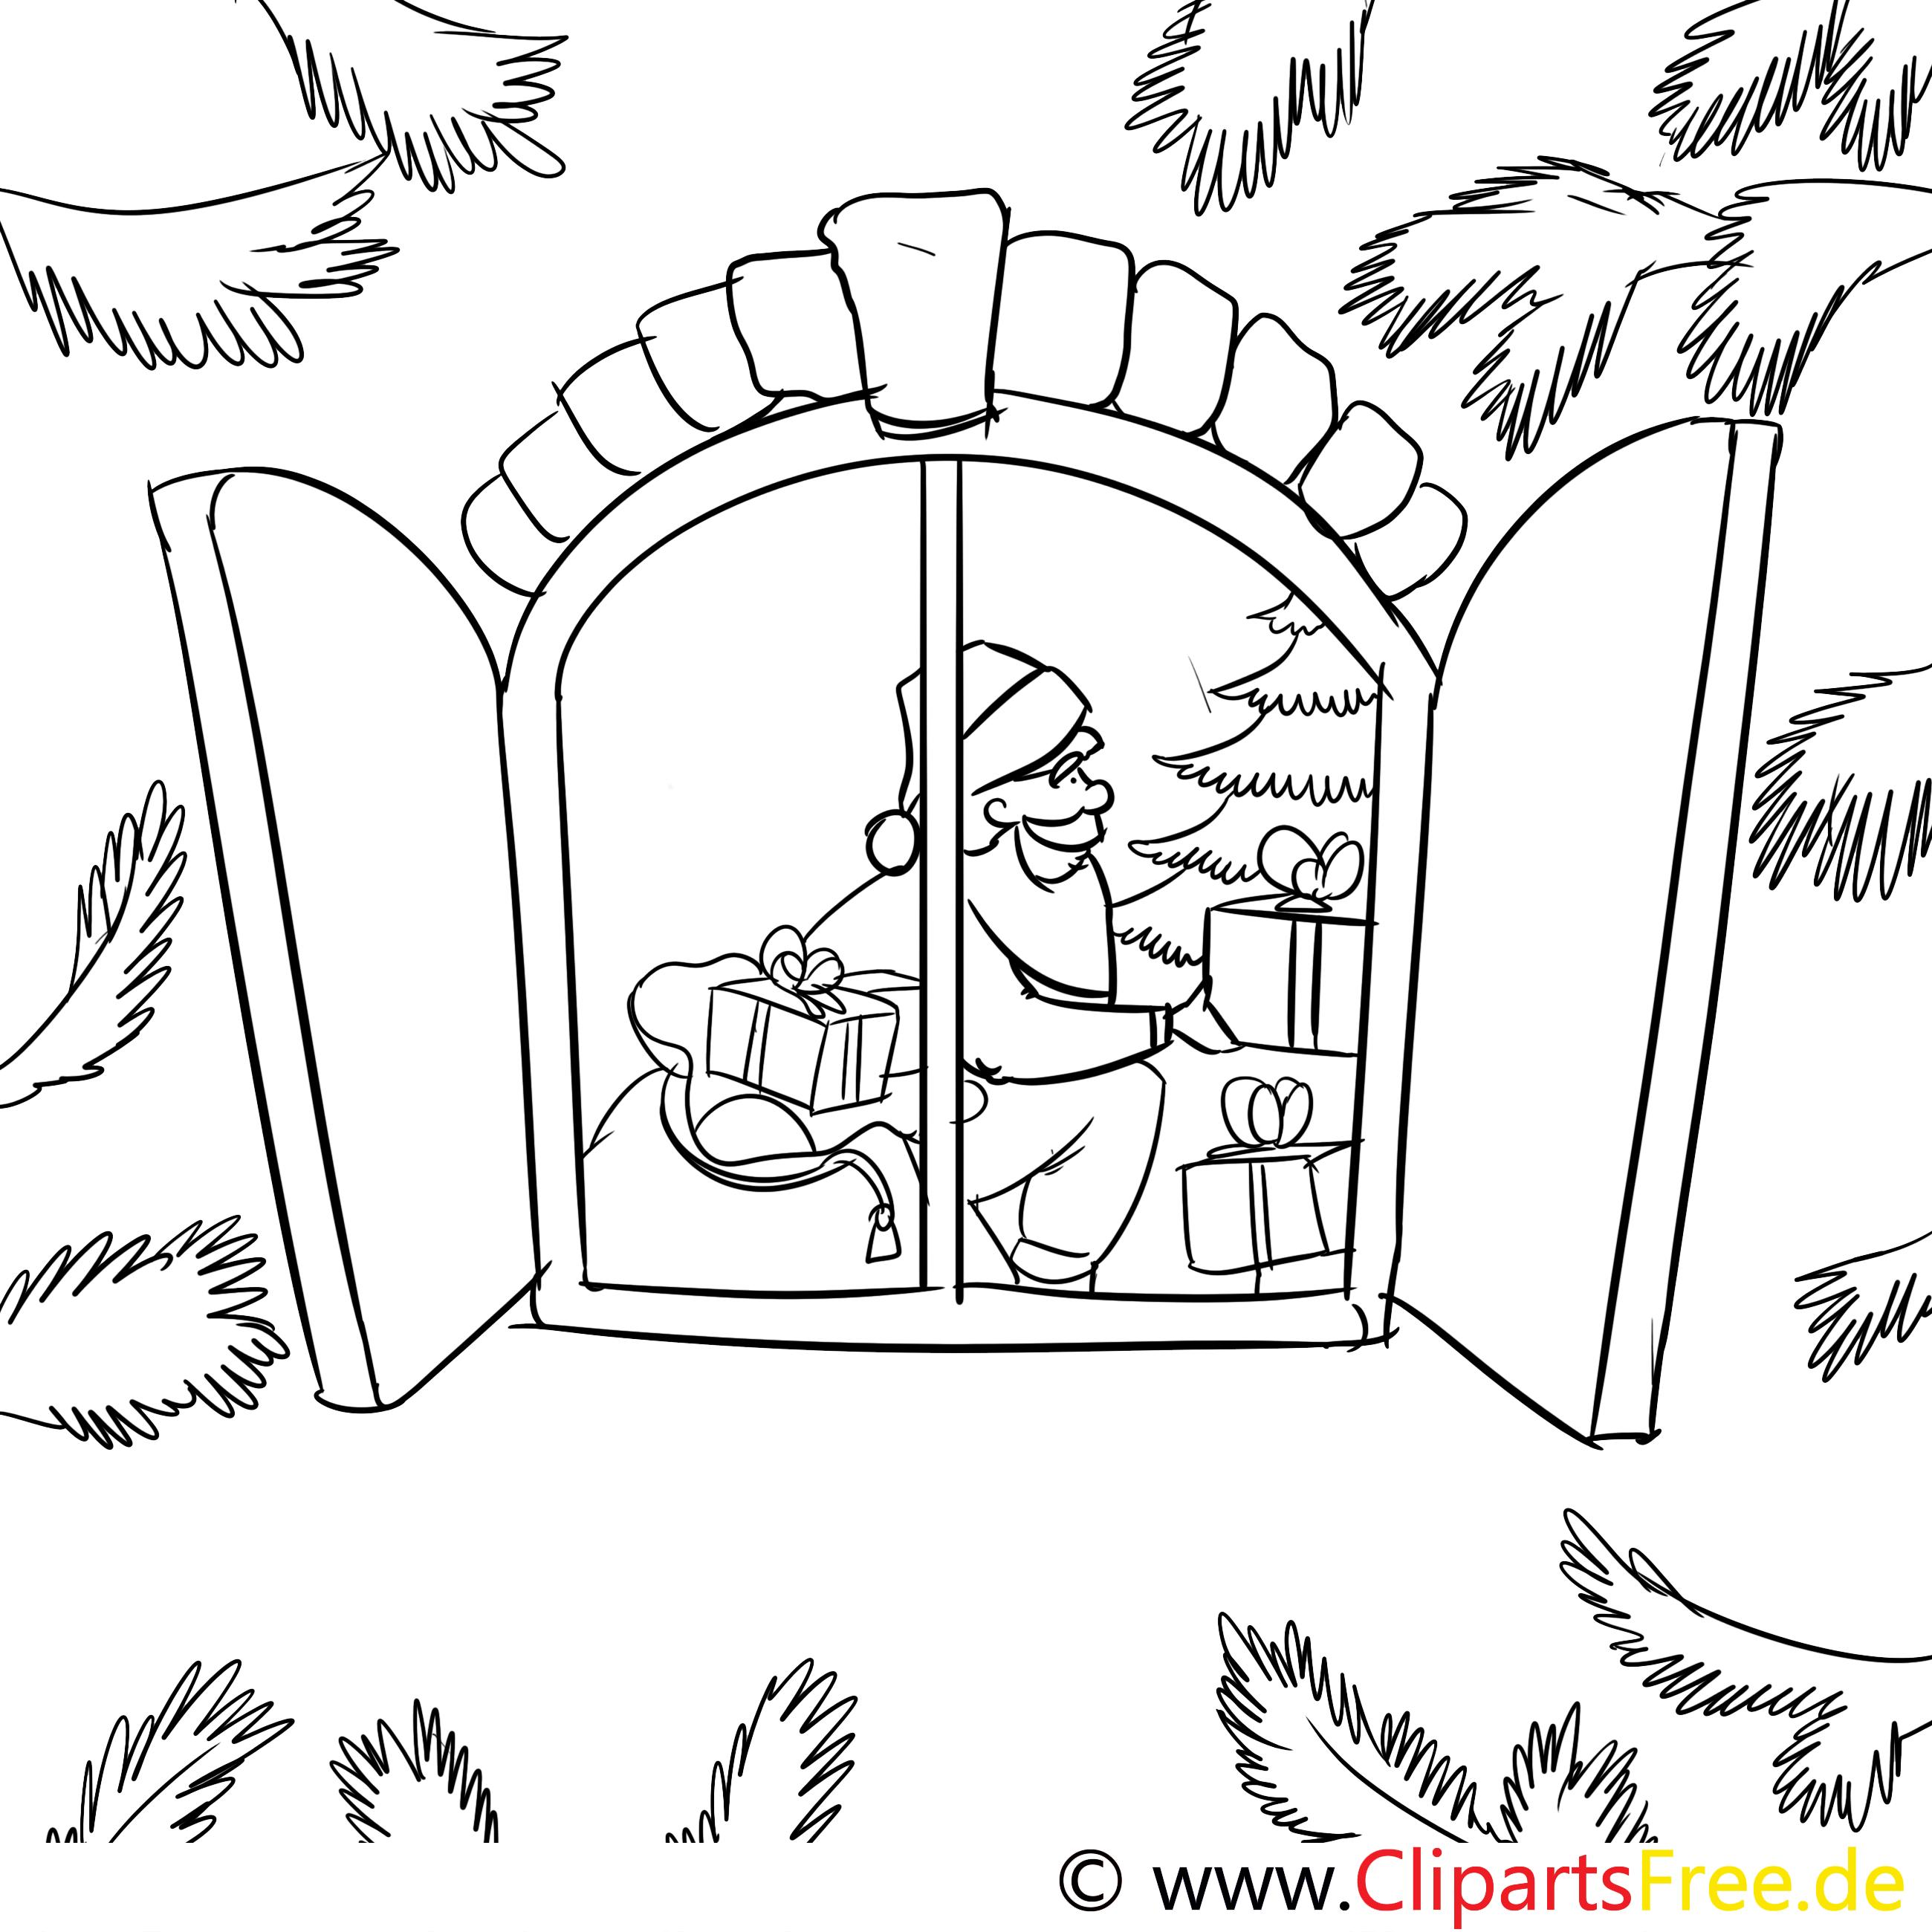 fenster weihnachtsmann ausmalbild malvorlage zum drucken